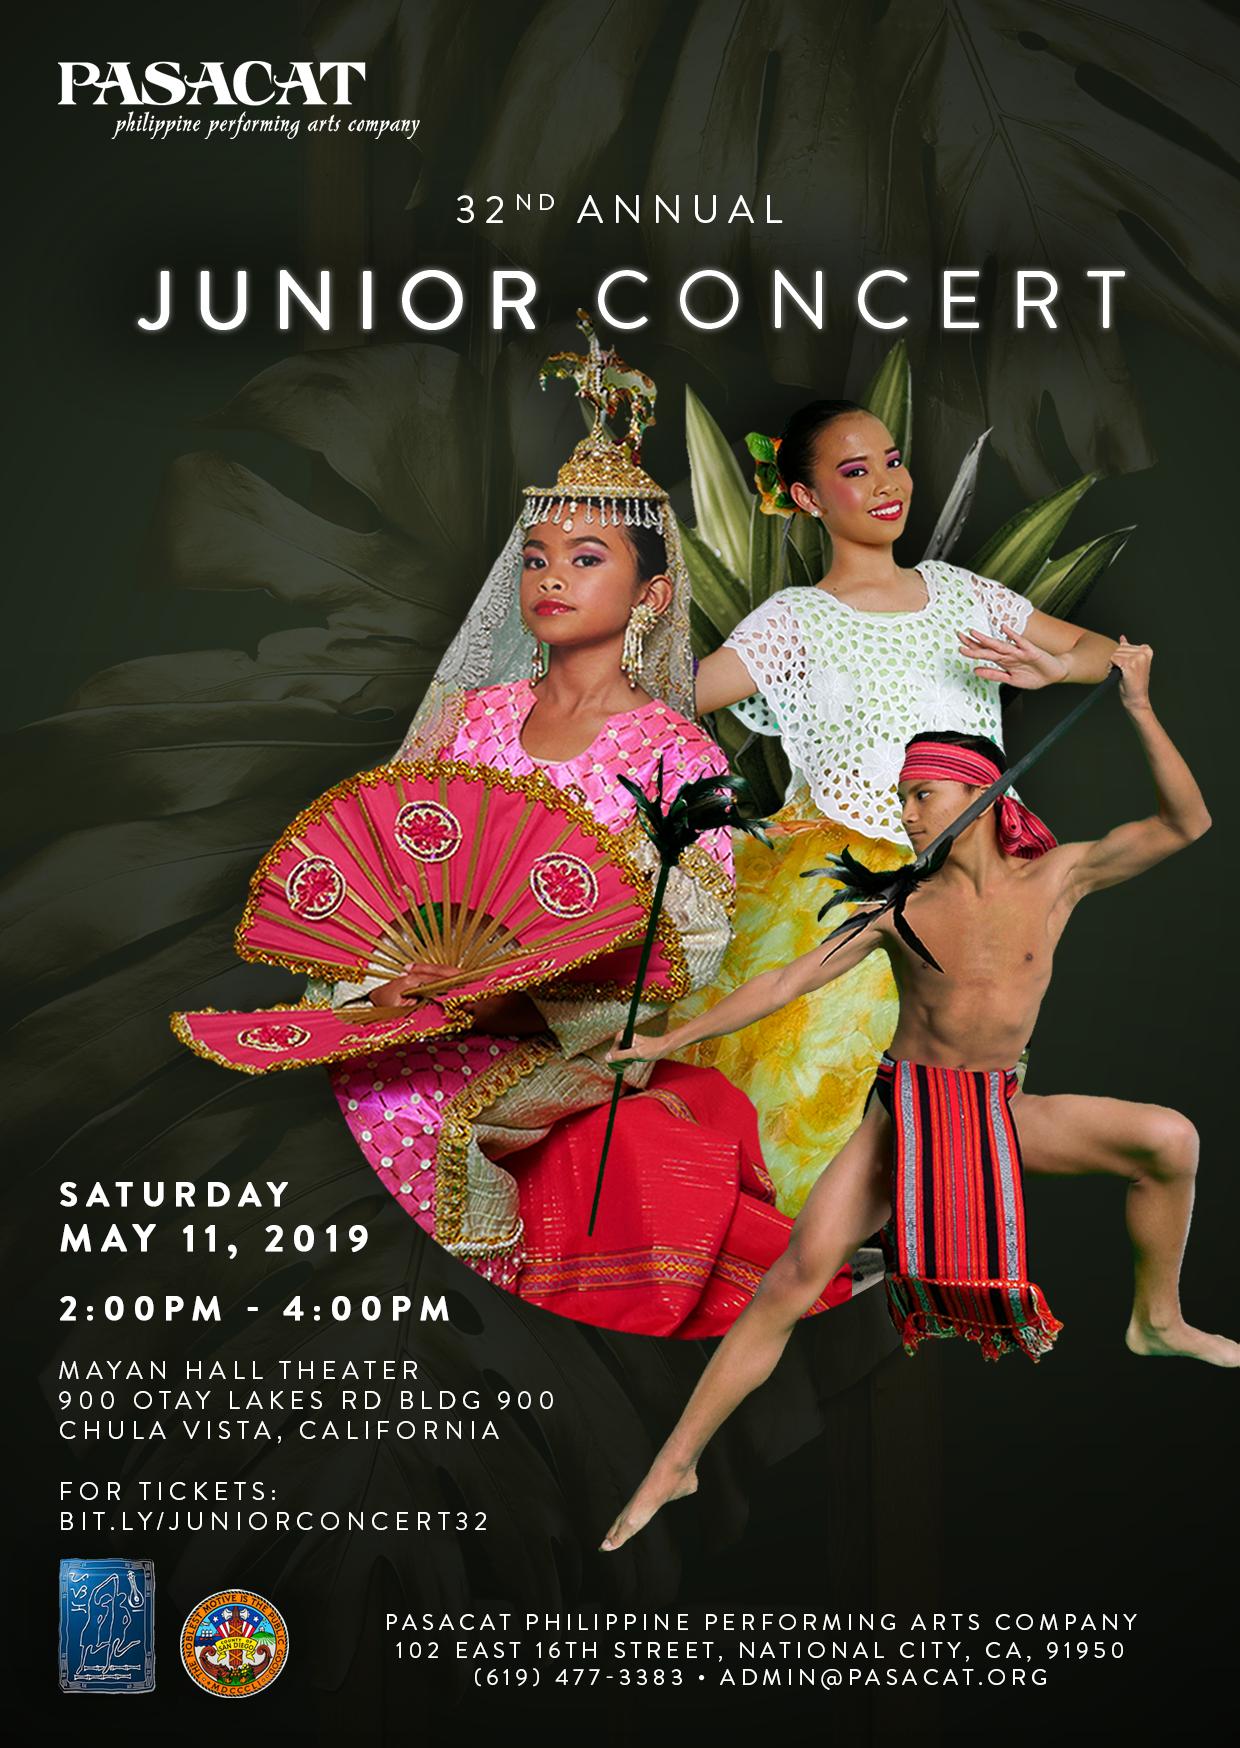 JuniorConcert2019-Card-FINAL-John-URL.png